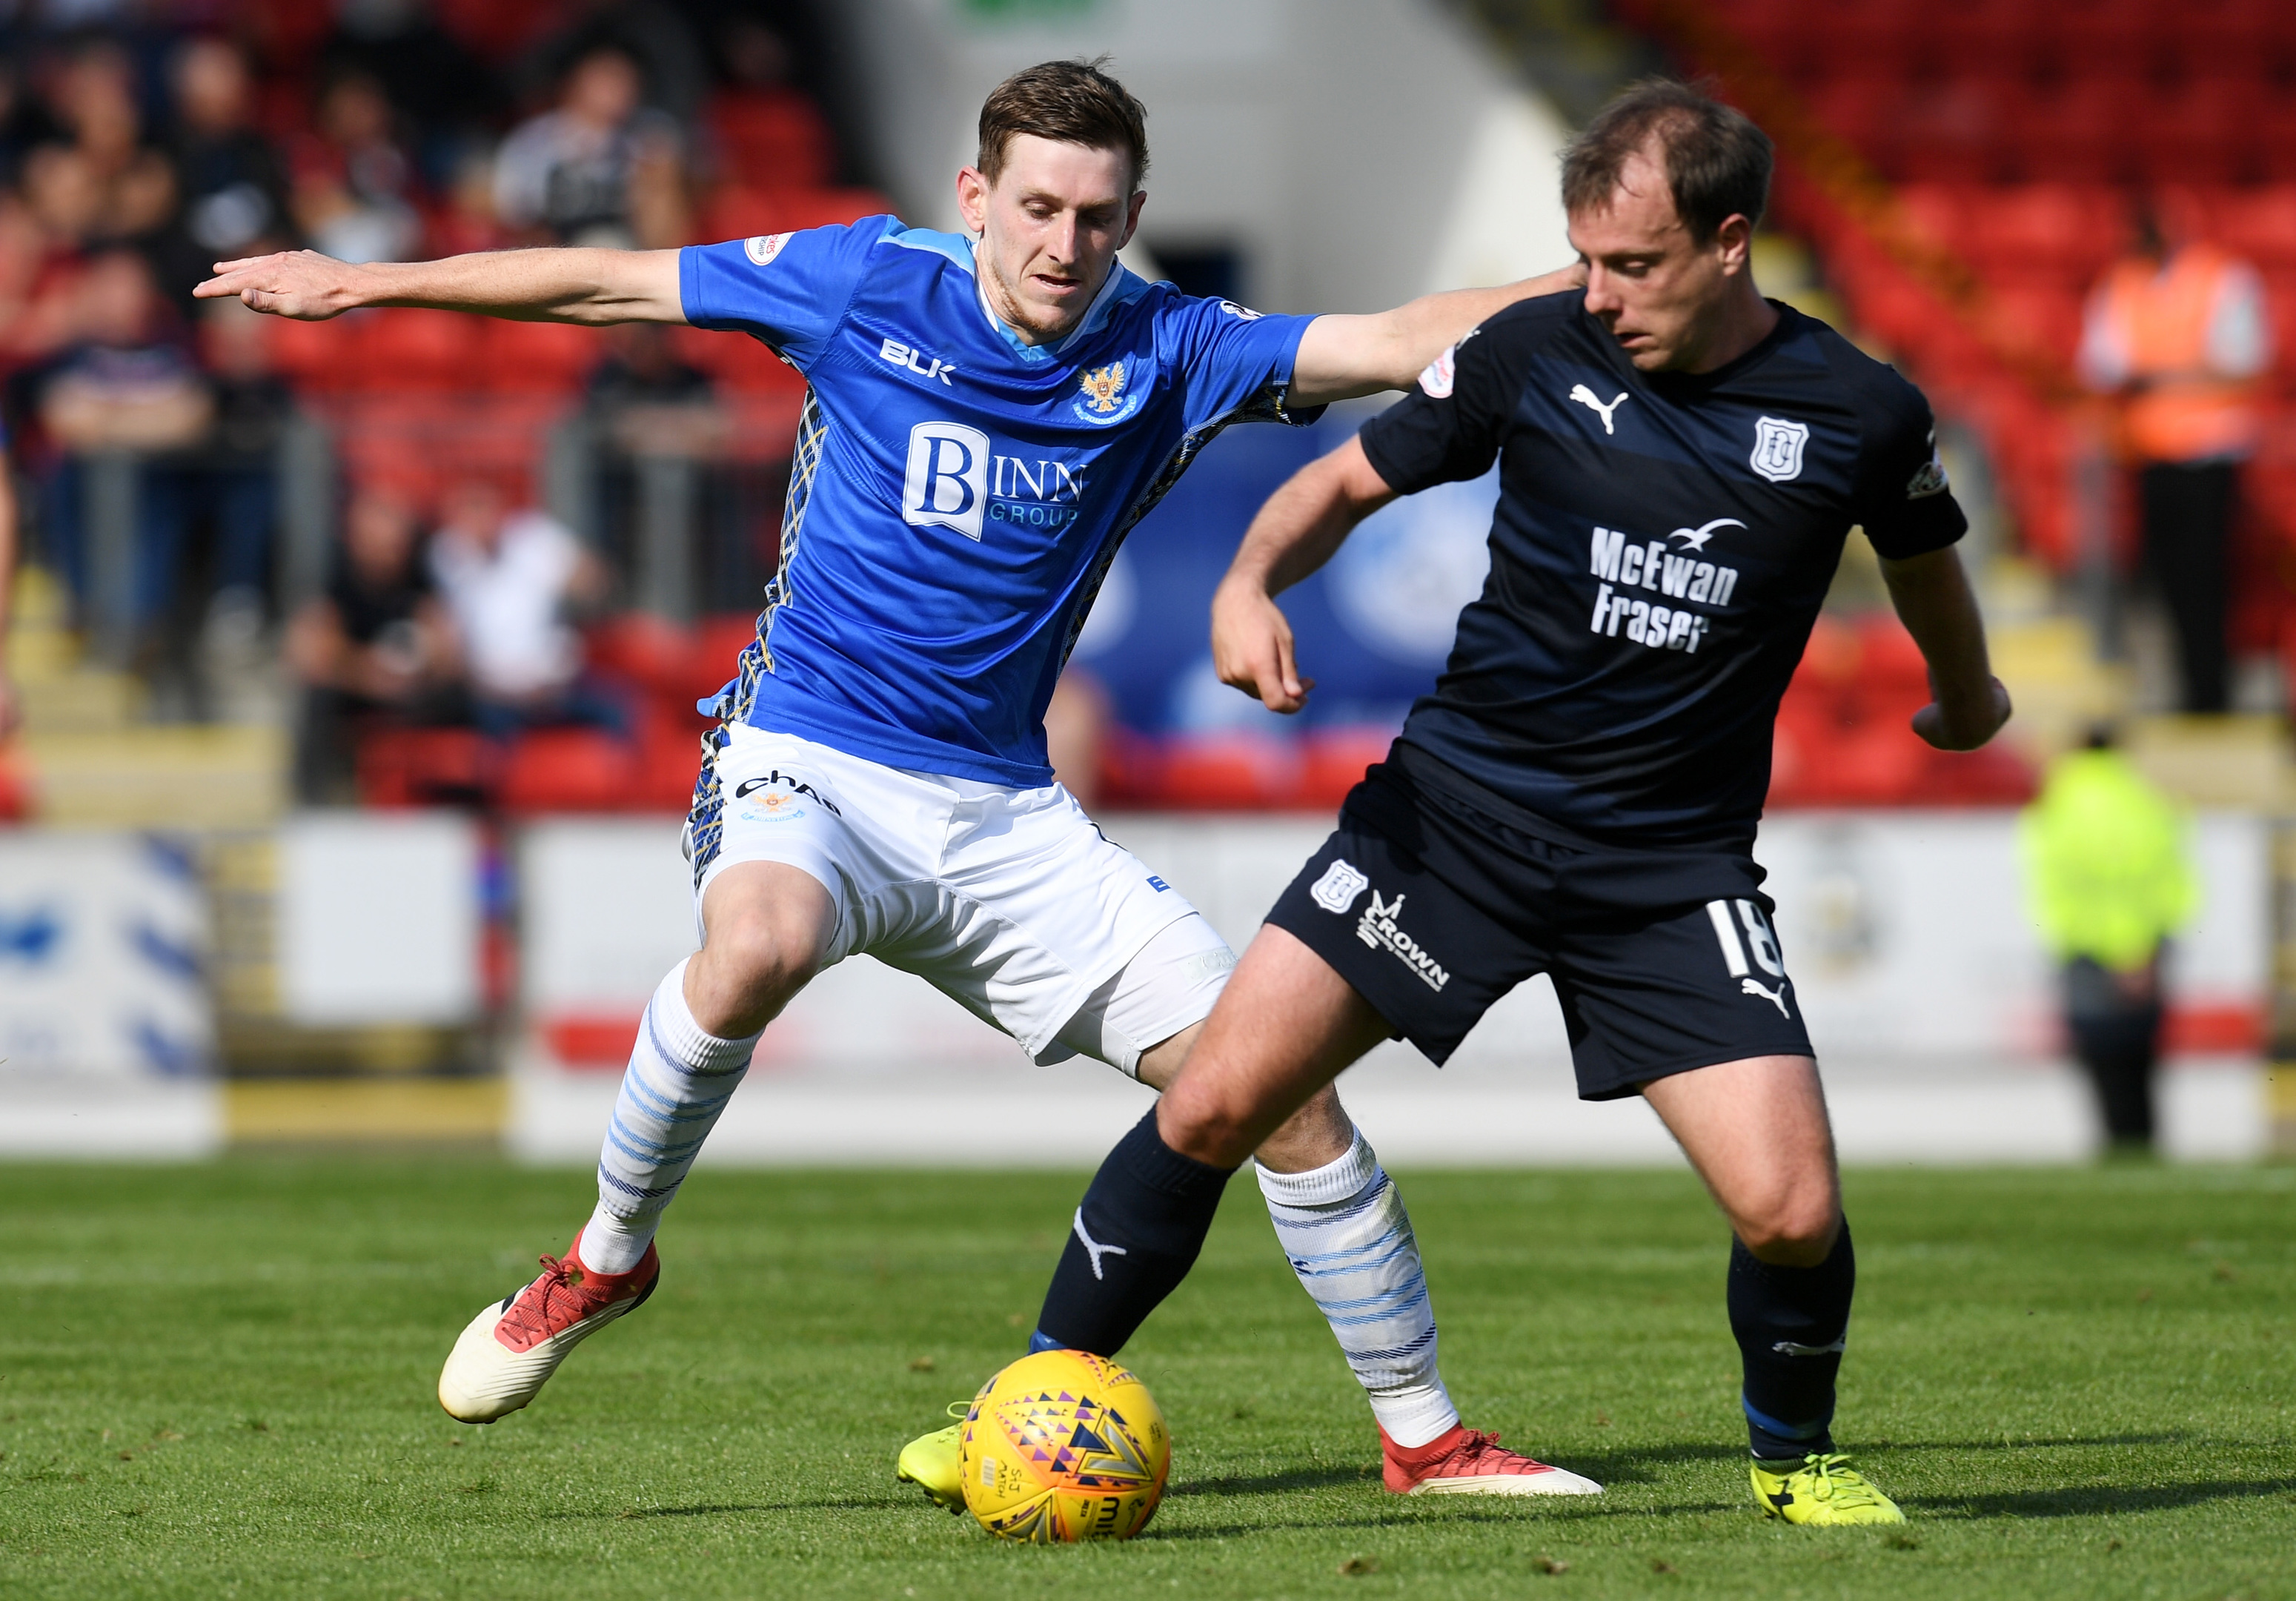 Dundee's Paul McGowan holds off St Johnstone's Blair Alston.